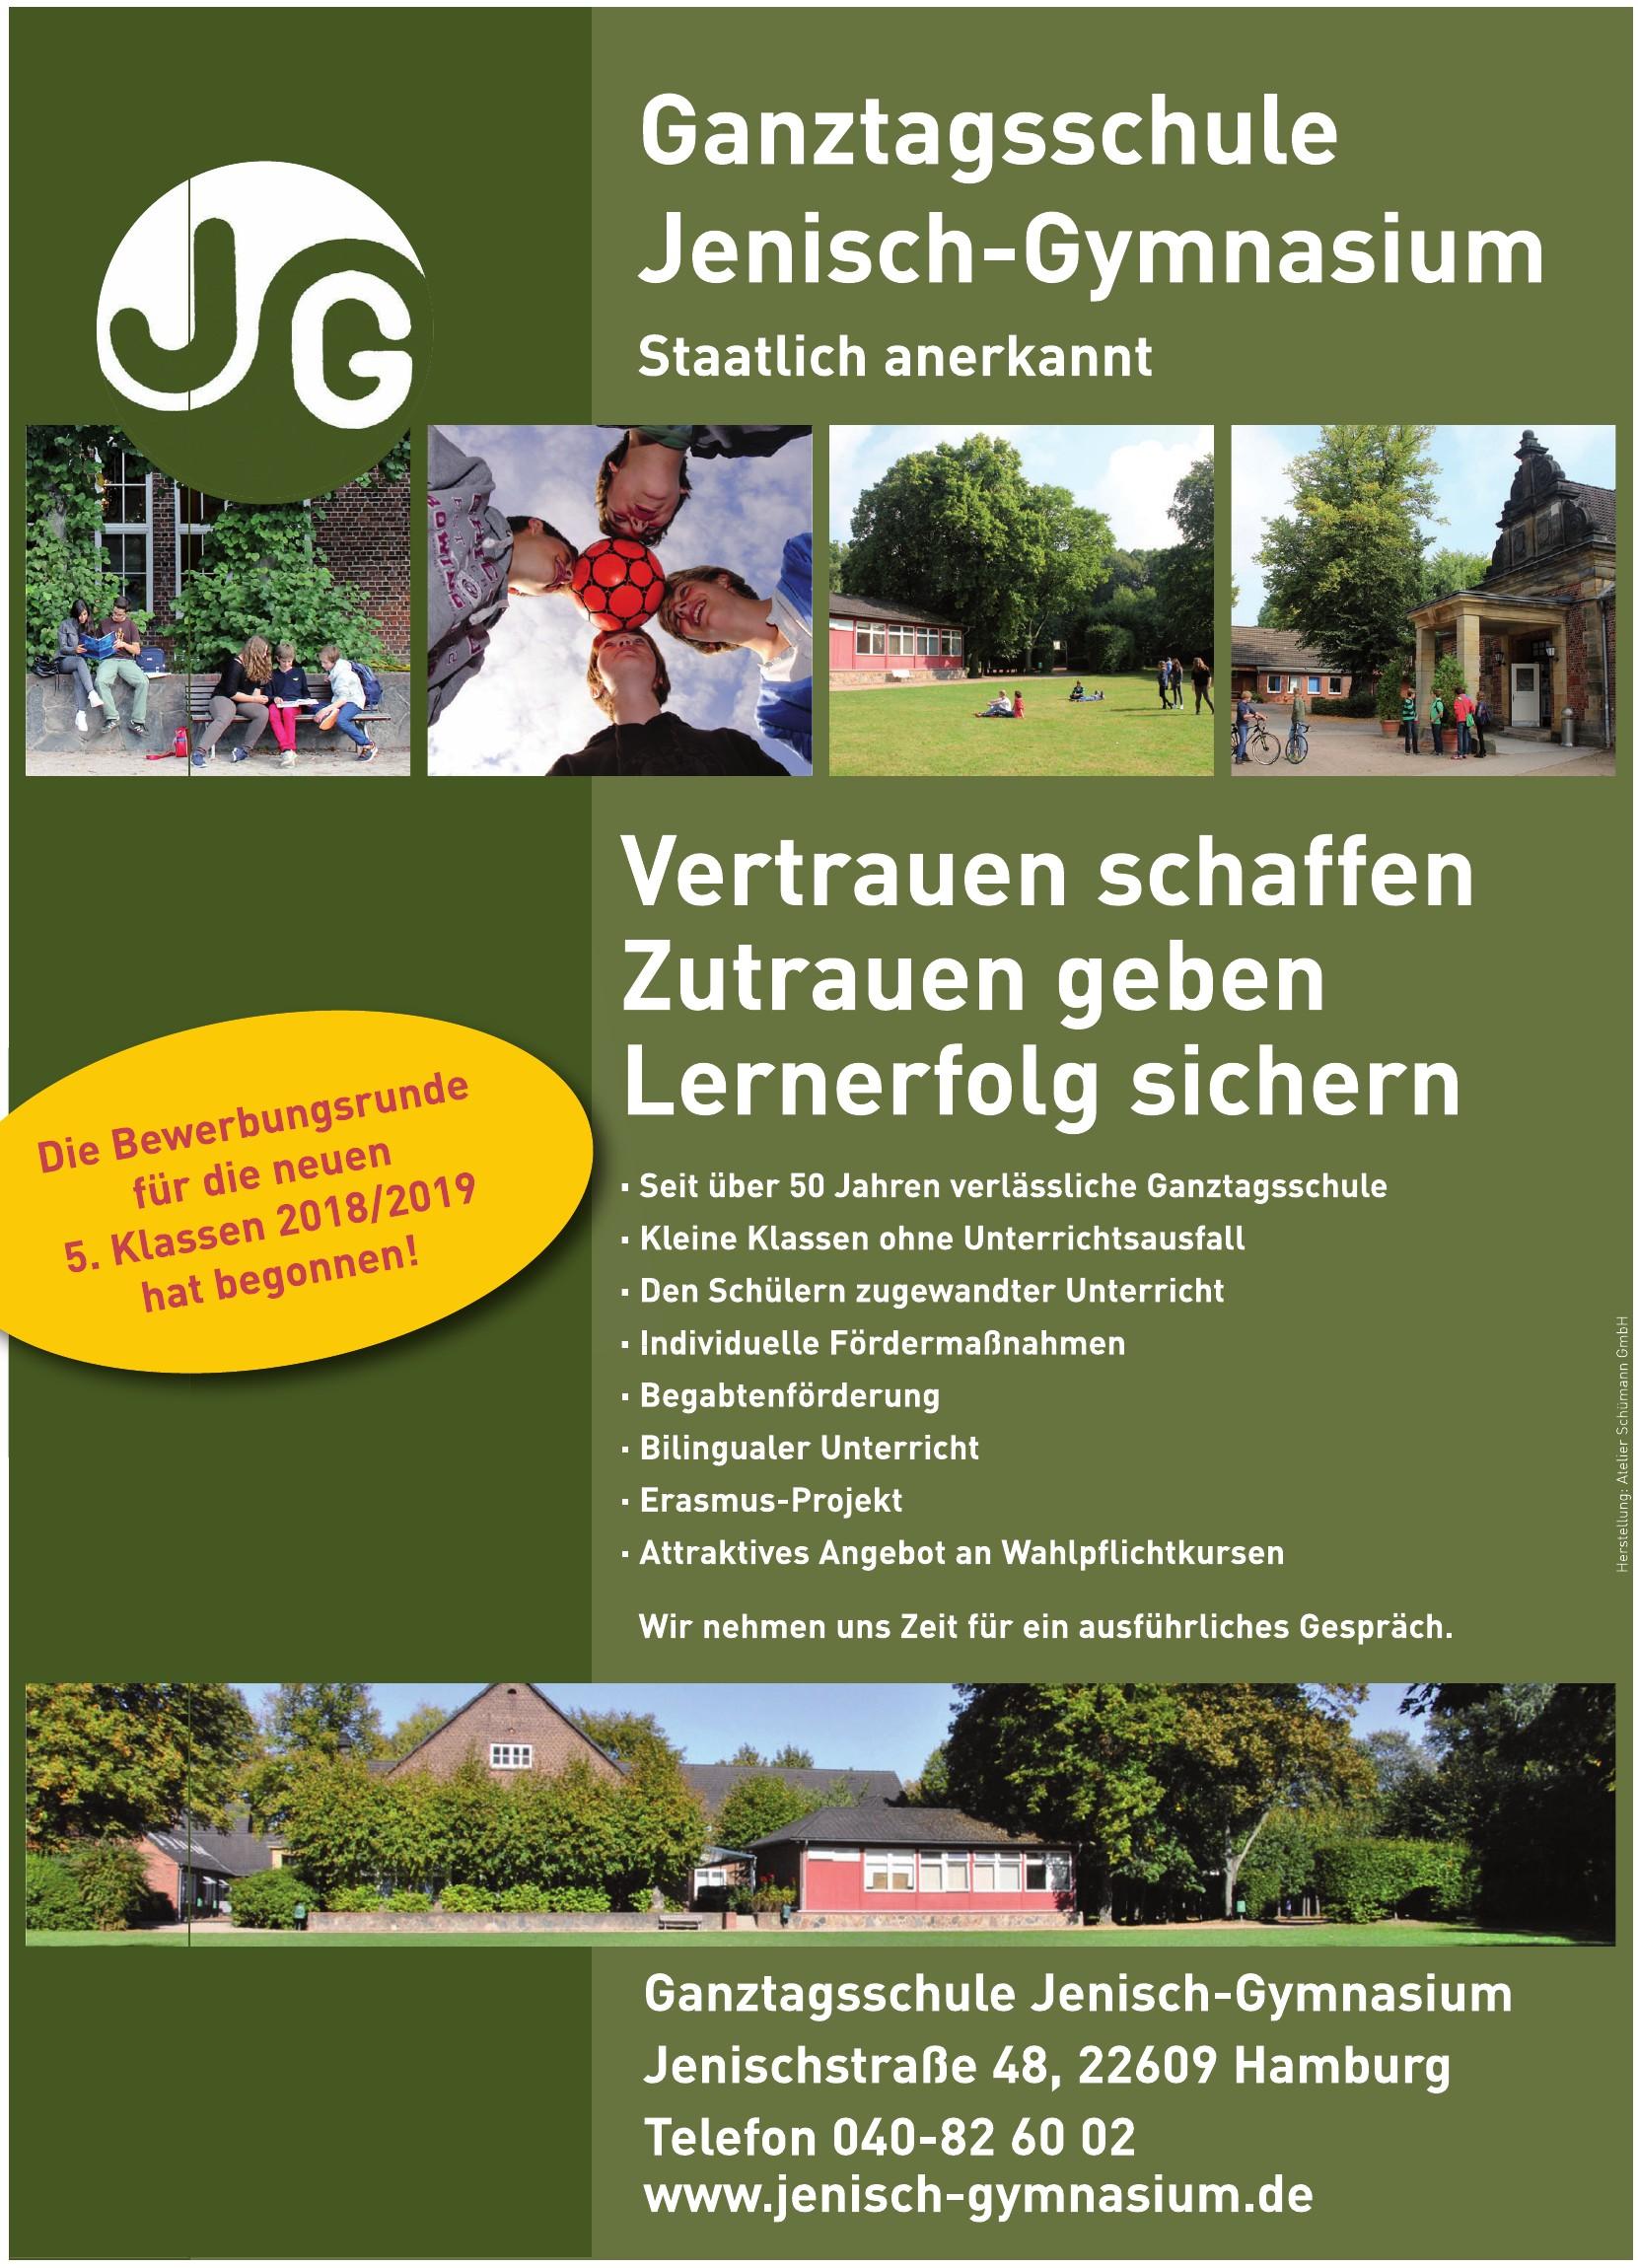 Ganztagsschule Jenisch-Gymnasium